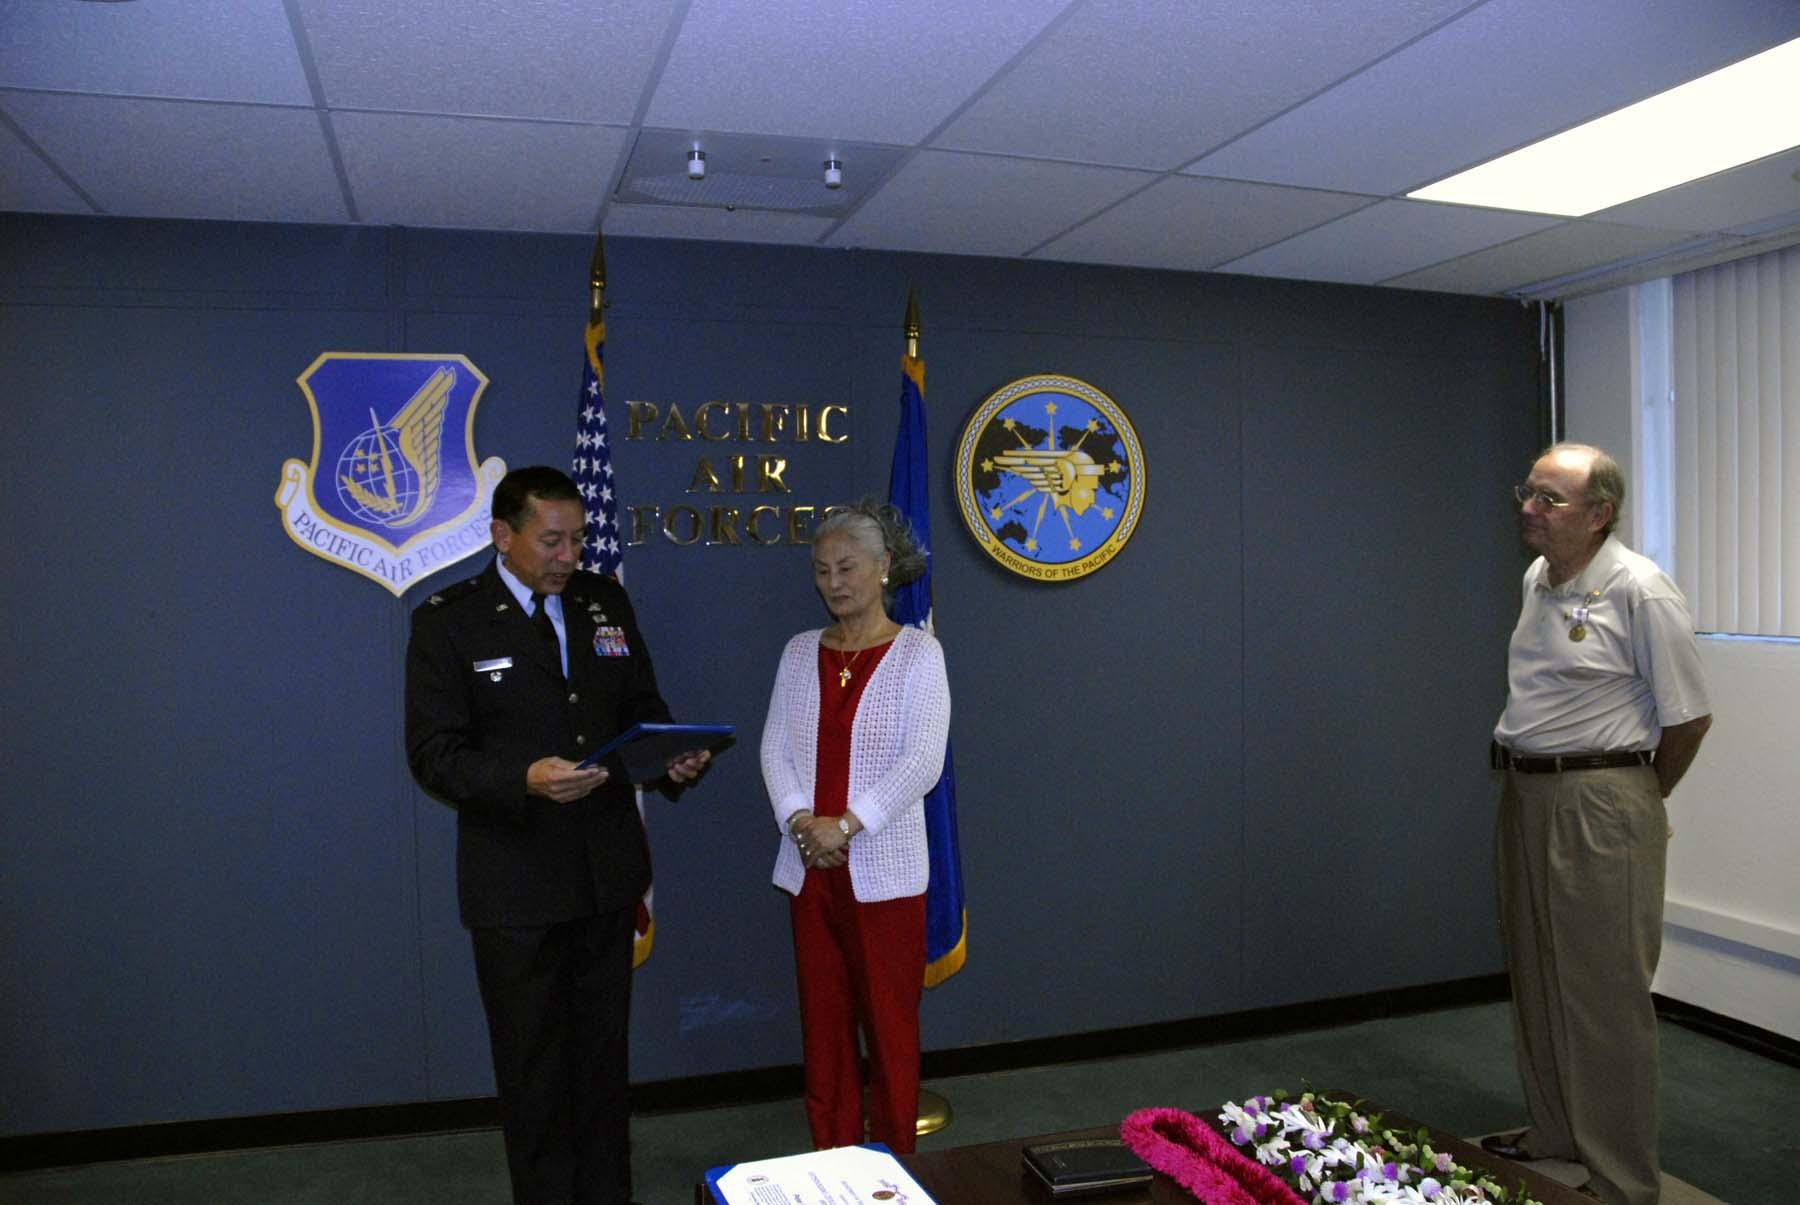 Colonel Valdespino Praises Chun Cha